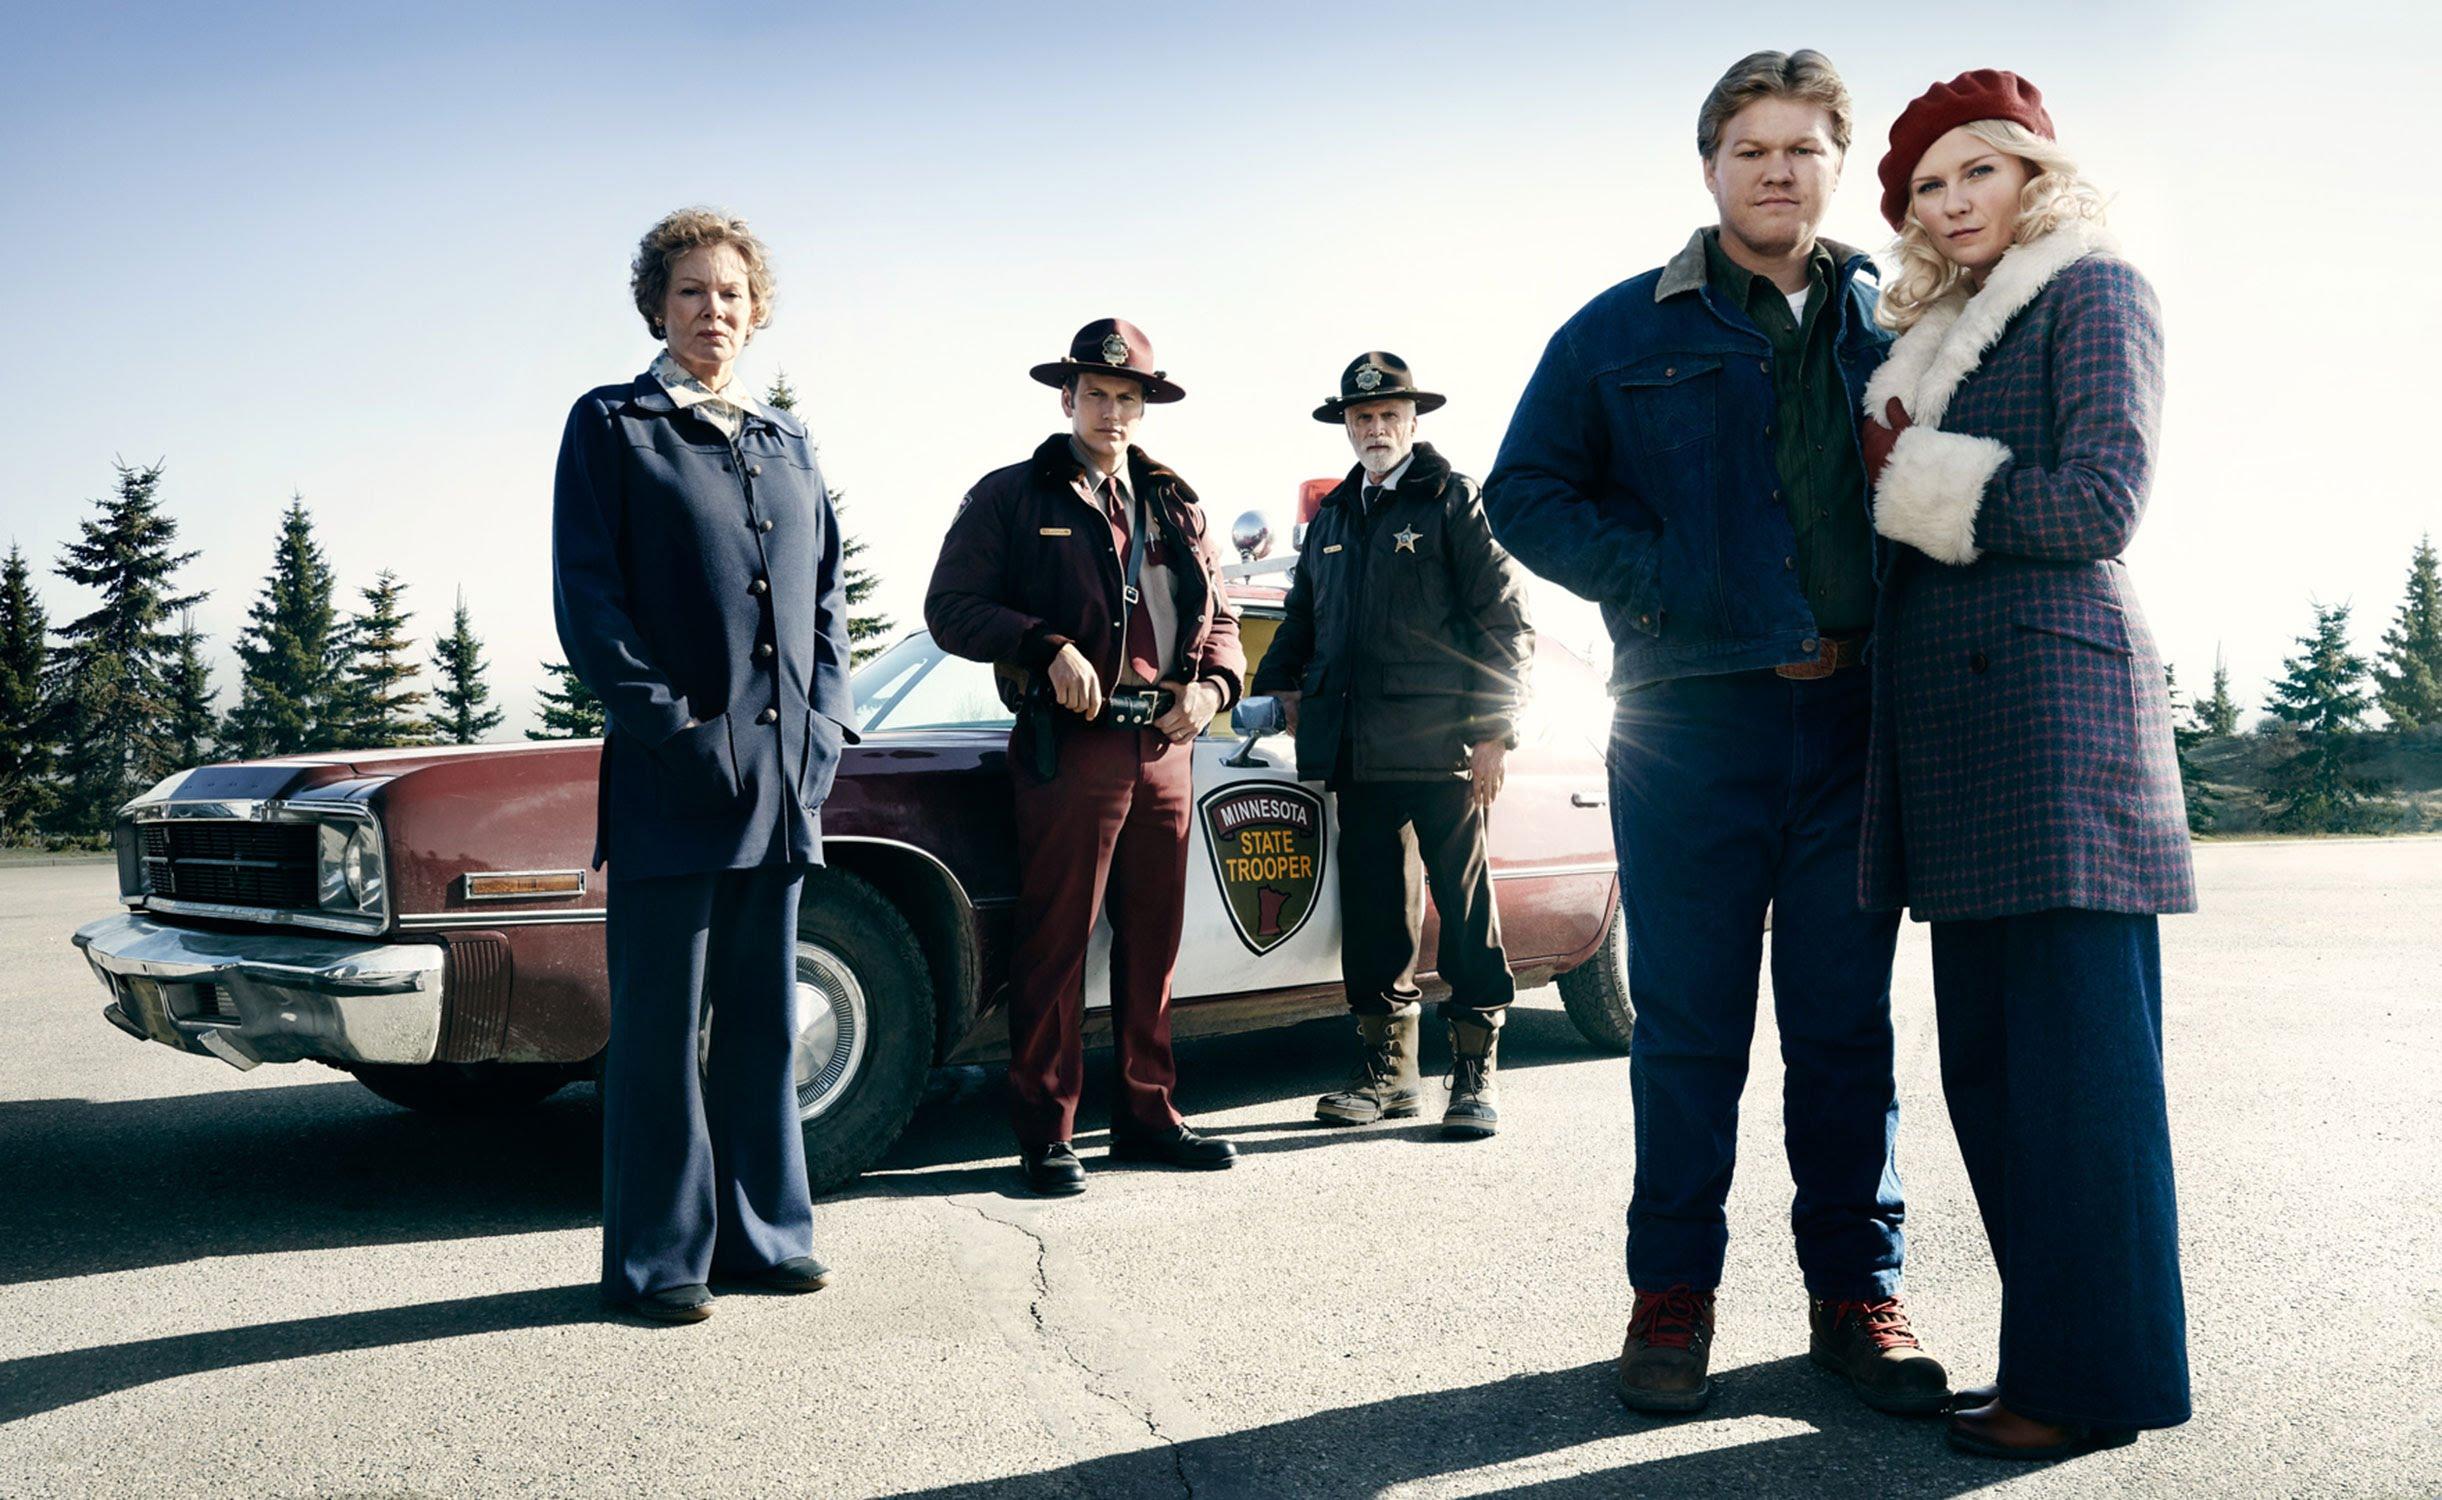 2.séria Fargo